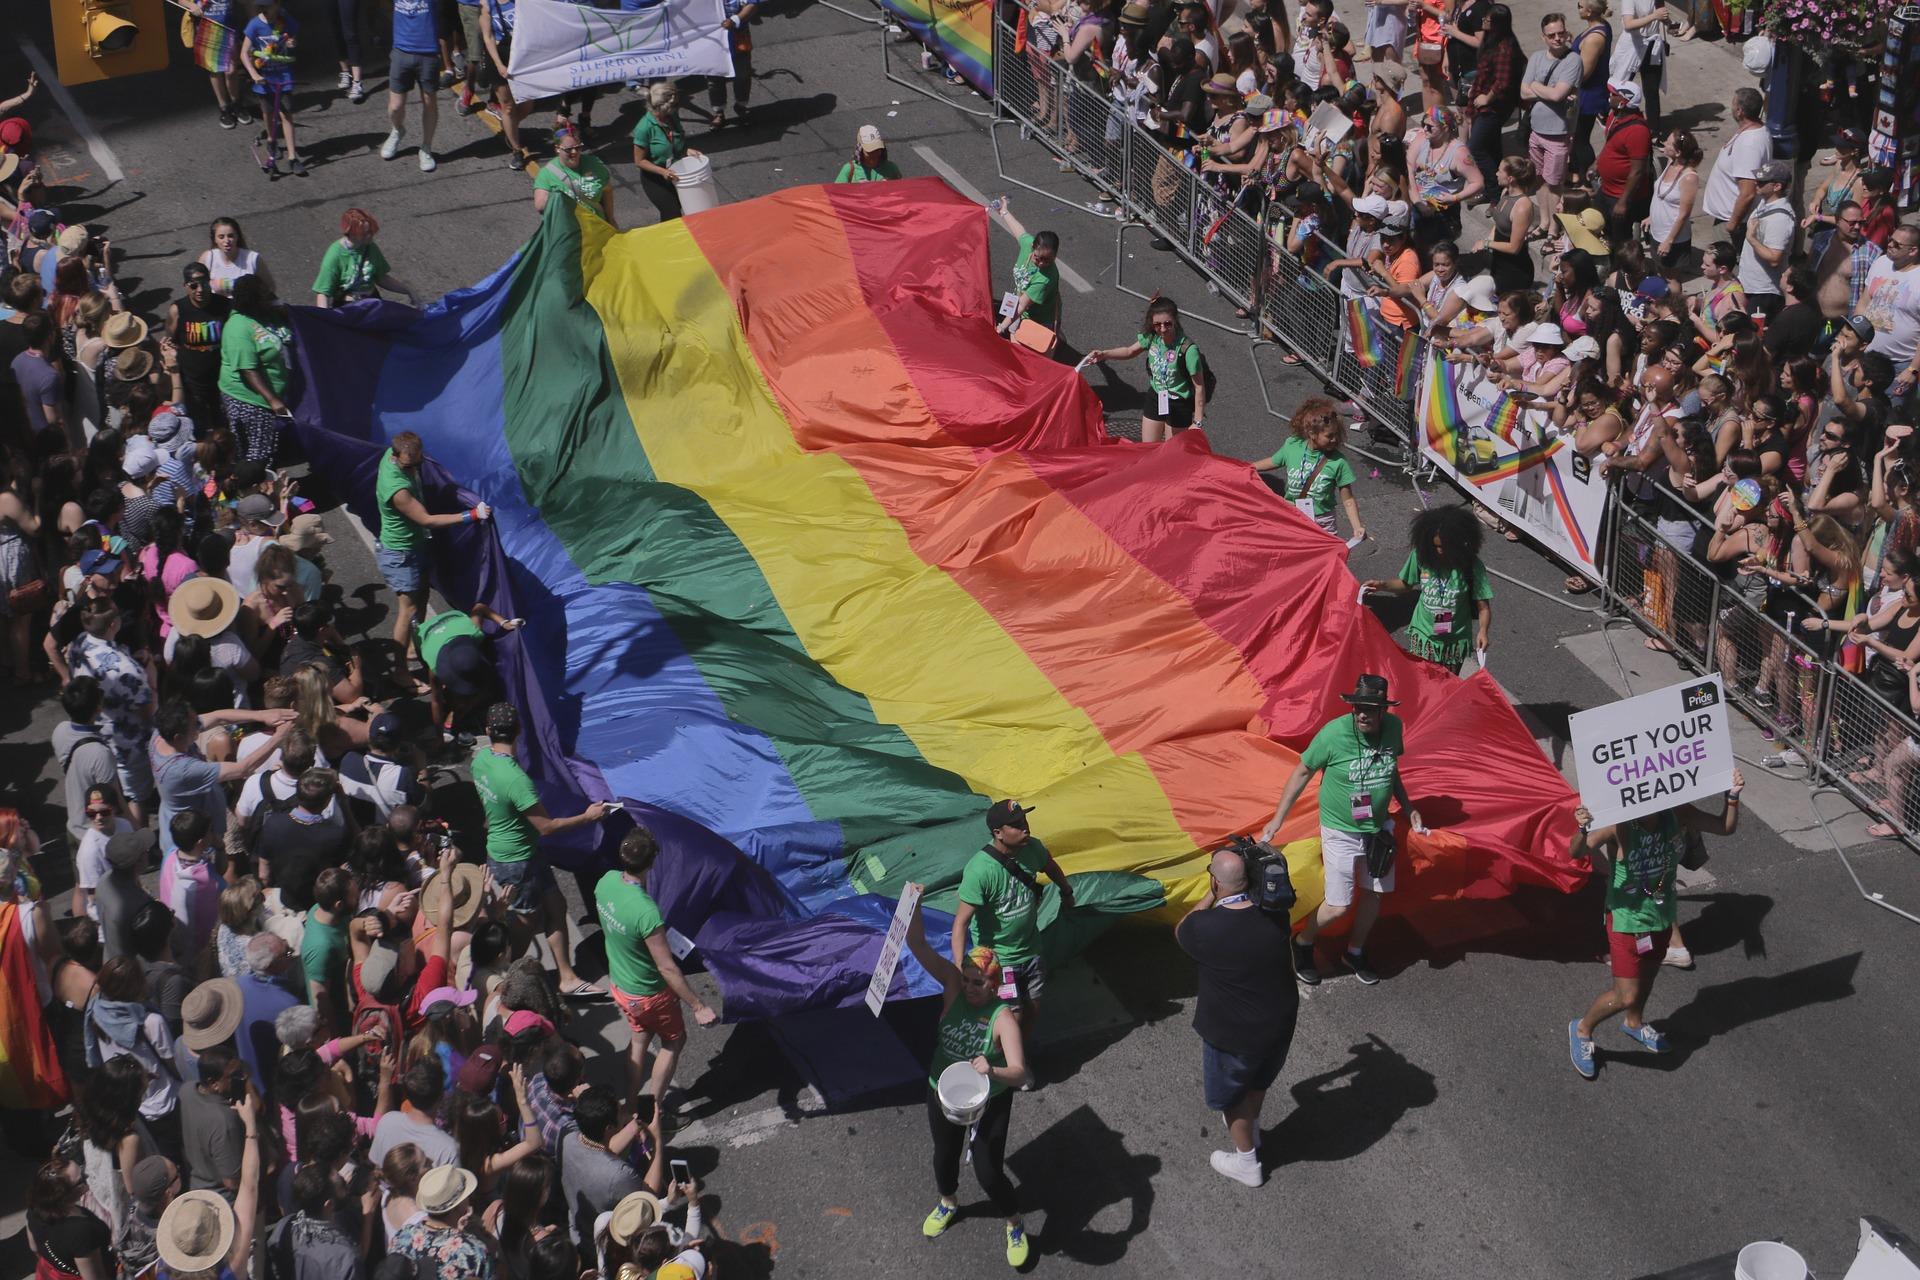 Asesoramiento gay y lesbiana florida